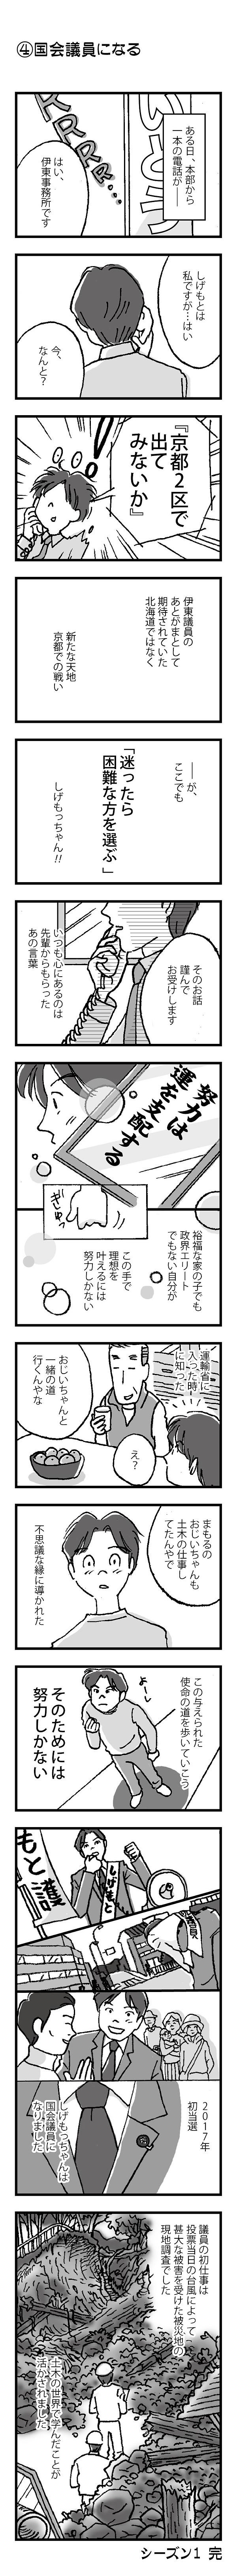 4話.jpg